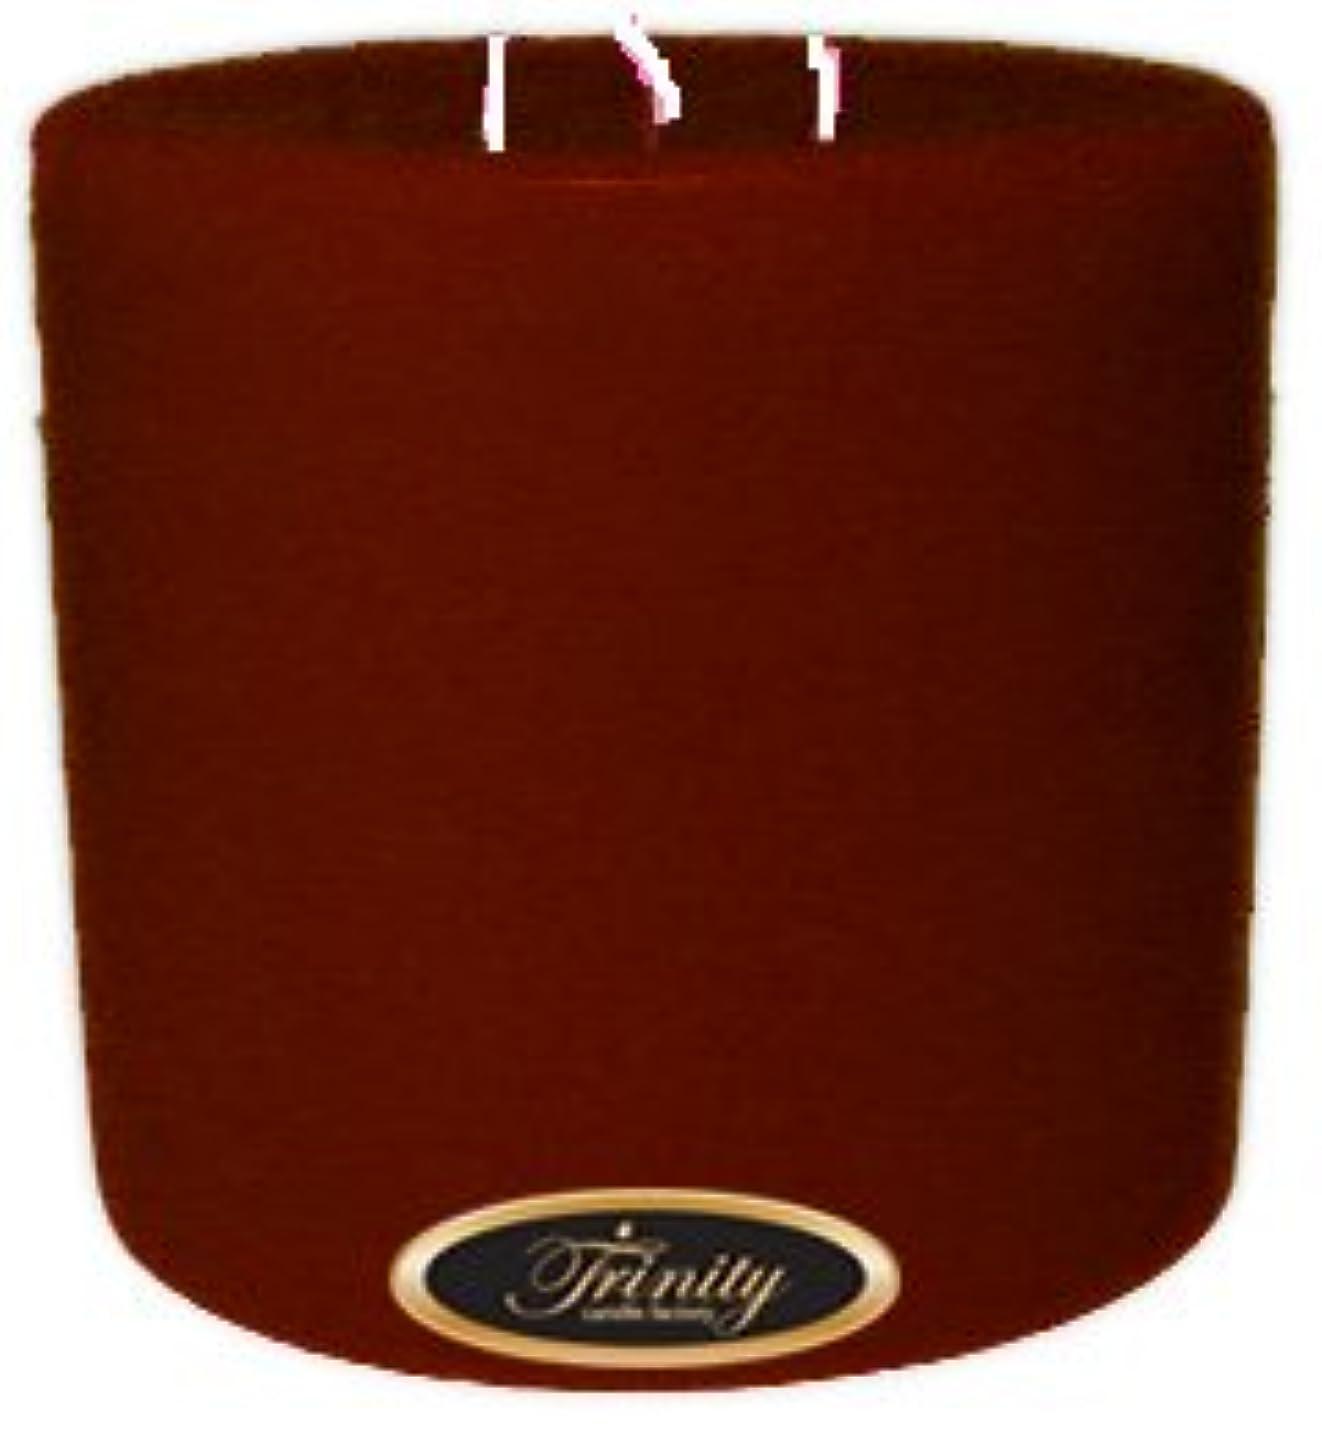 知るセマフォ場所Trinity Candle工場 – クローブスパイス – Pillar Candle – 6 x 6